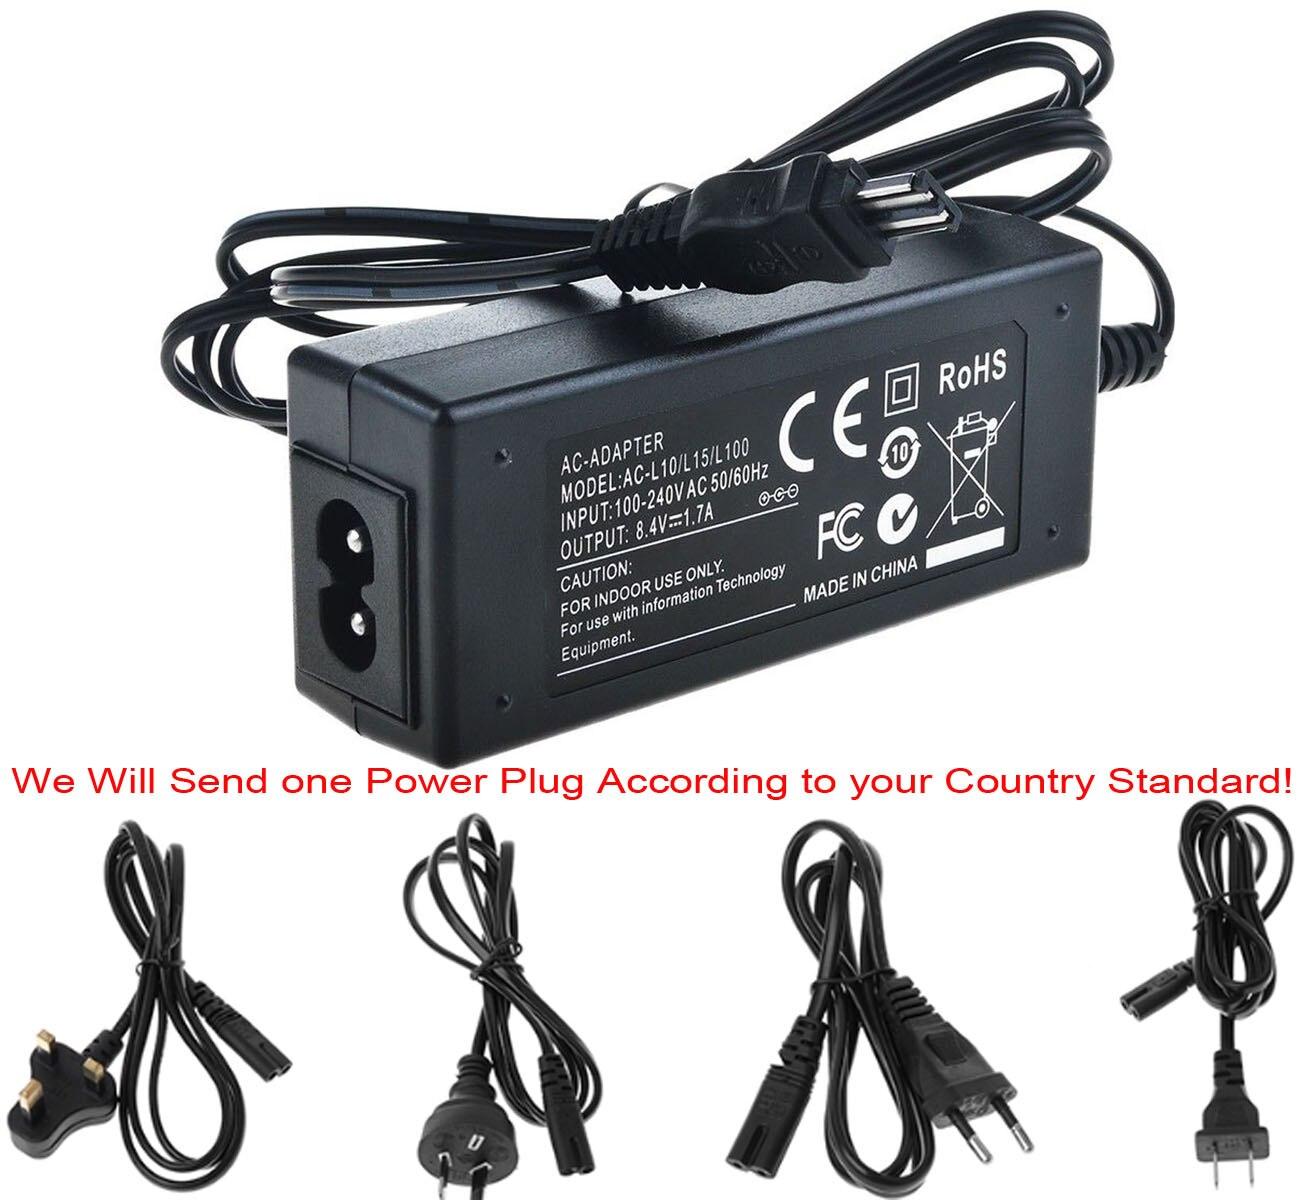 POWER SUPPLY FOR SONY HDR-CX 105 E HDR-CX 106 E HDR-CX 115 E HDR-CX 130 E